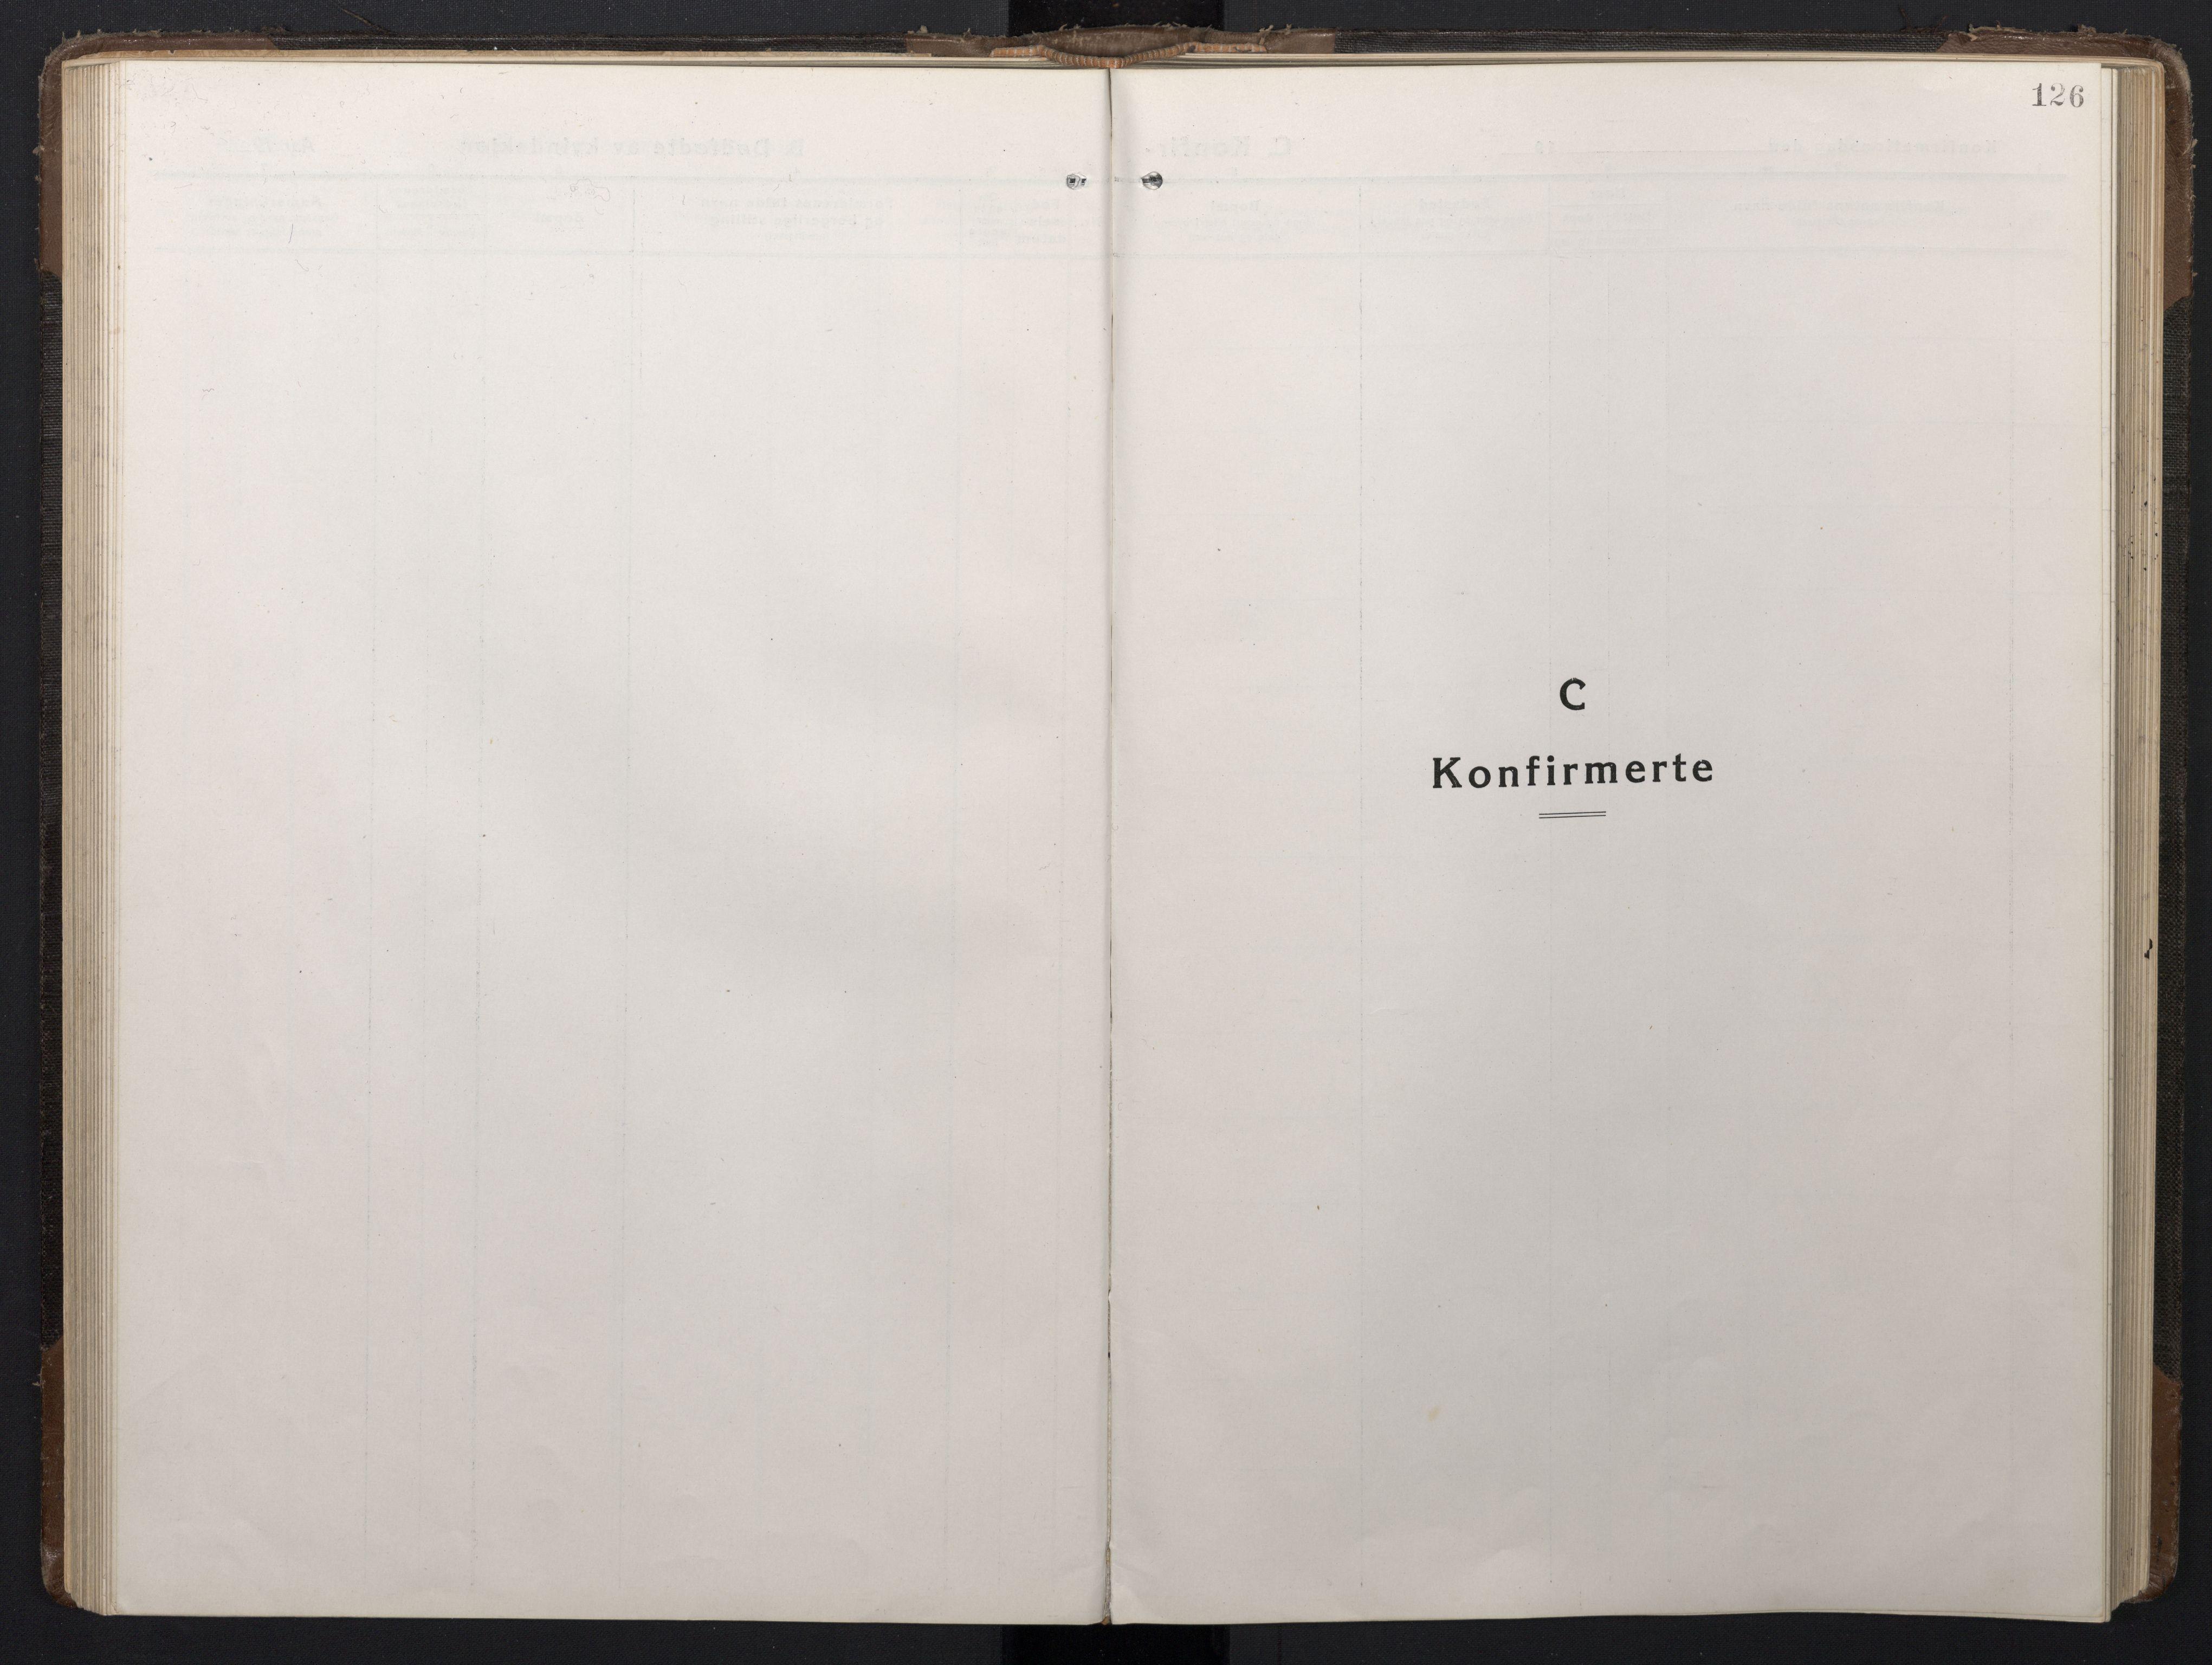 SAT, Ministerialprotokoller, klokkerbøker og fødselsregistre - Sør-Trøndelag, 662/L0758: Klokkerbok nr. 662C03, 1918-1948, s. 126